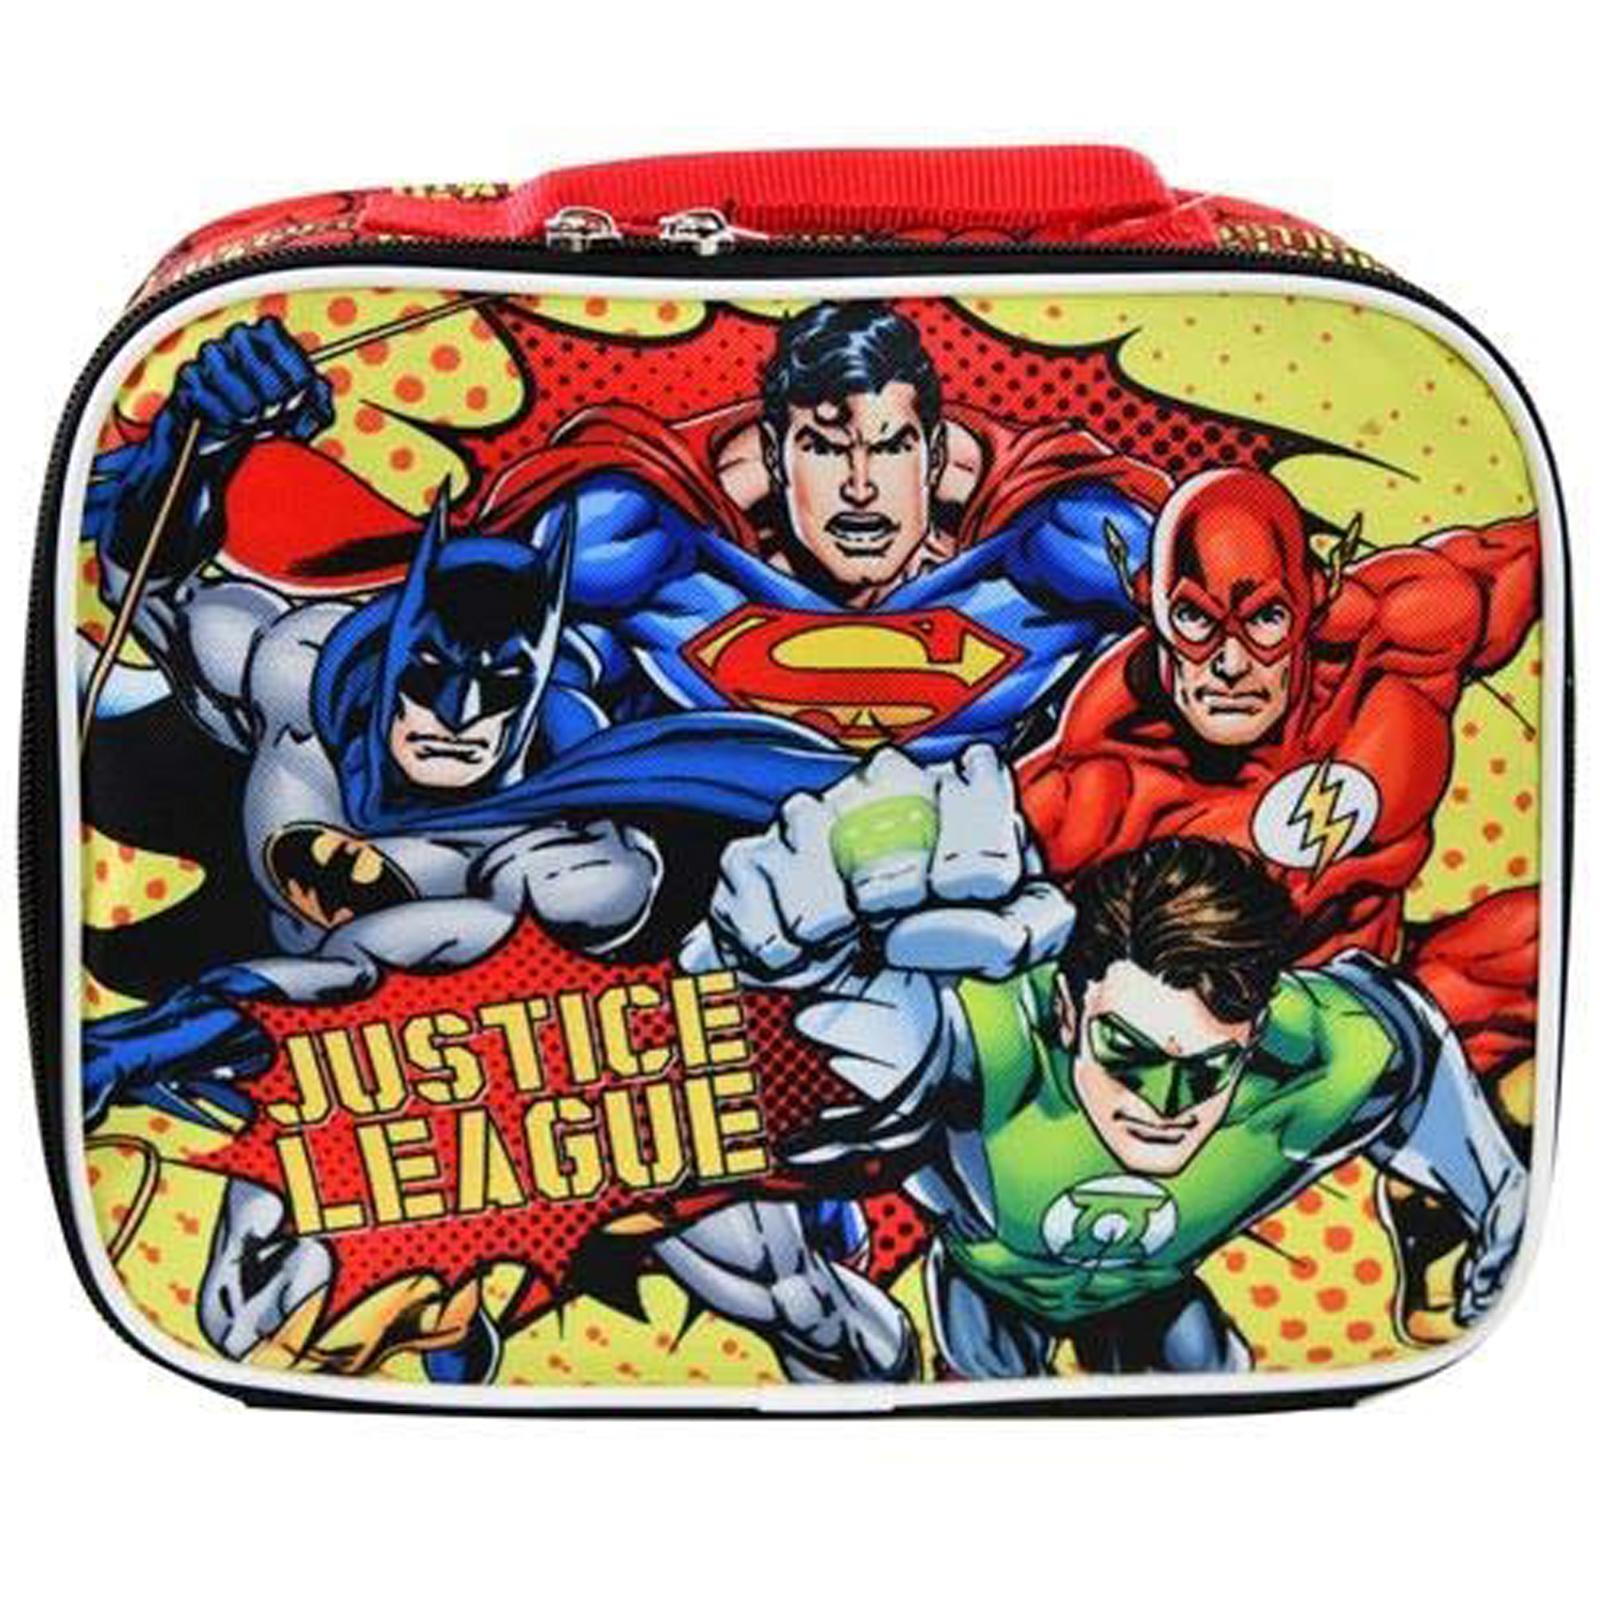 DC Comics Justice League Kids Insulated Lunch Bag School Tote Sturdy Zipper